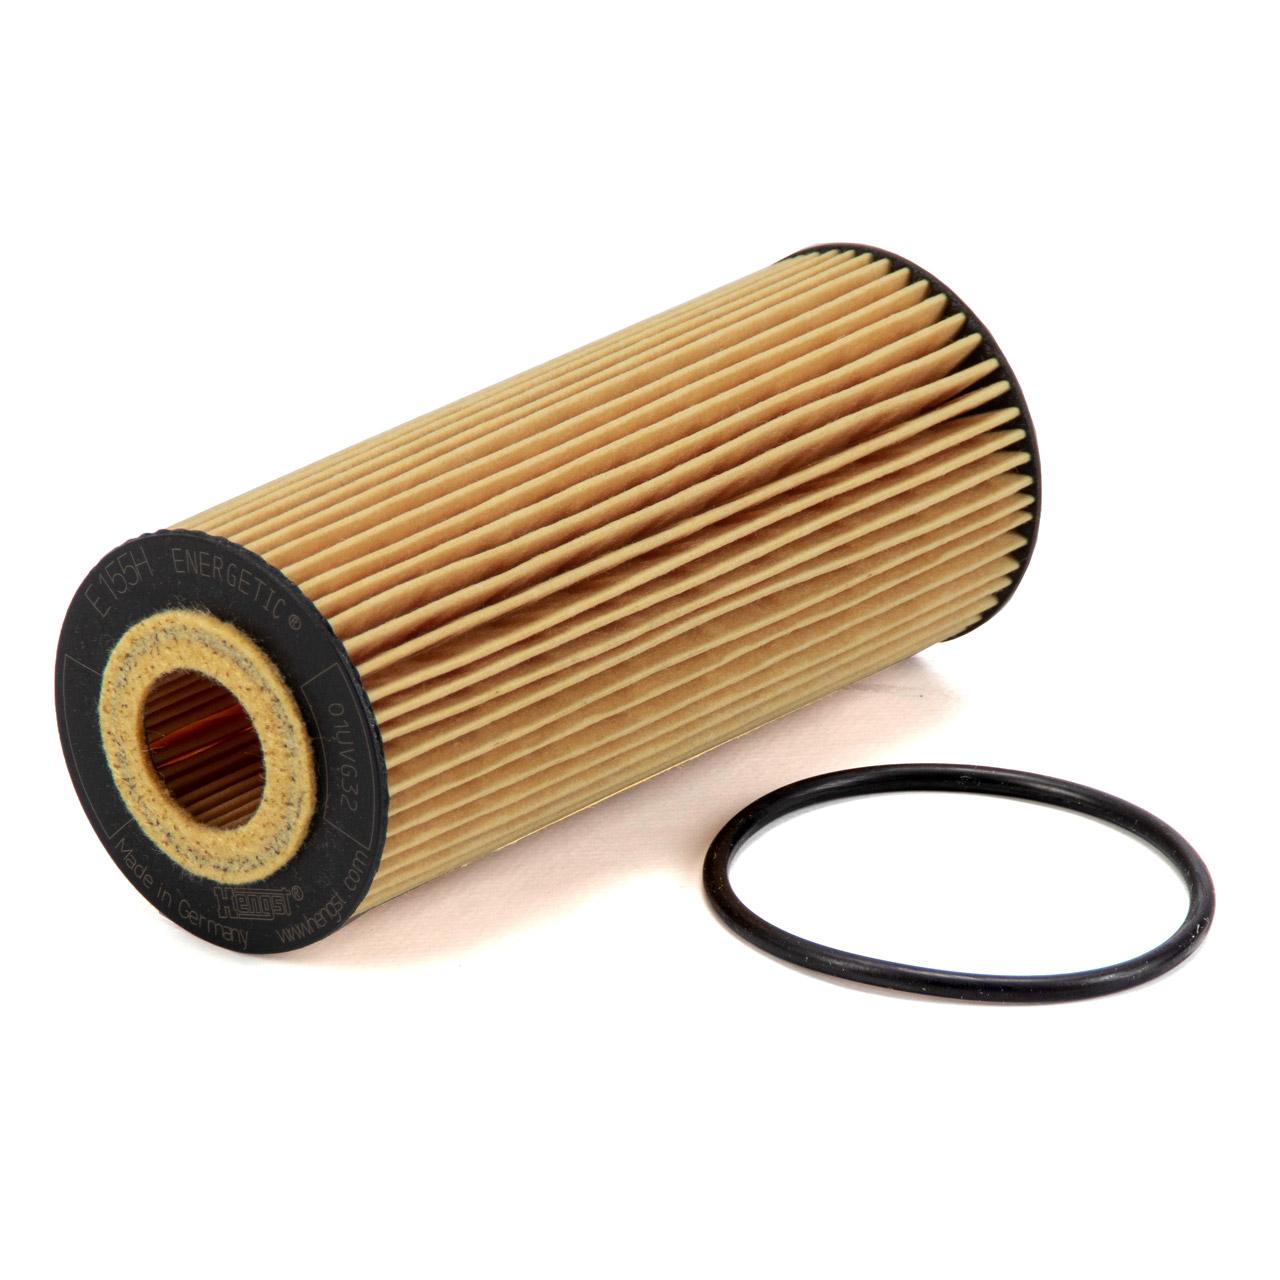 Filterpaket Filterset für Mercedes W221 S63AMG C216 CL63AMG 544 571 PS